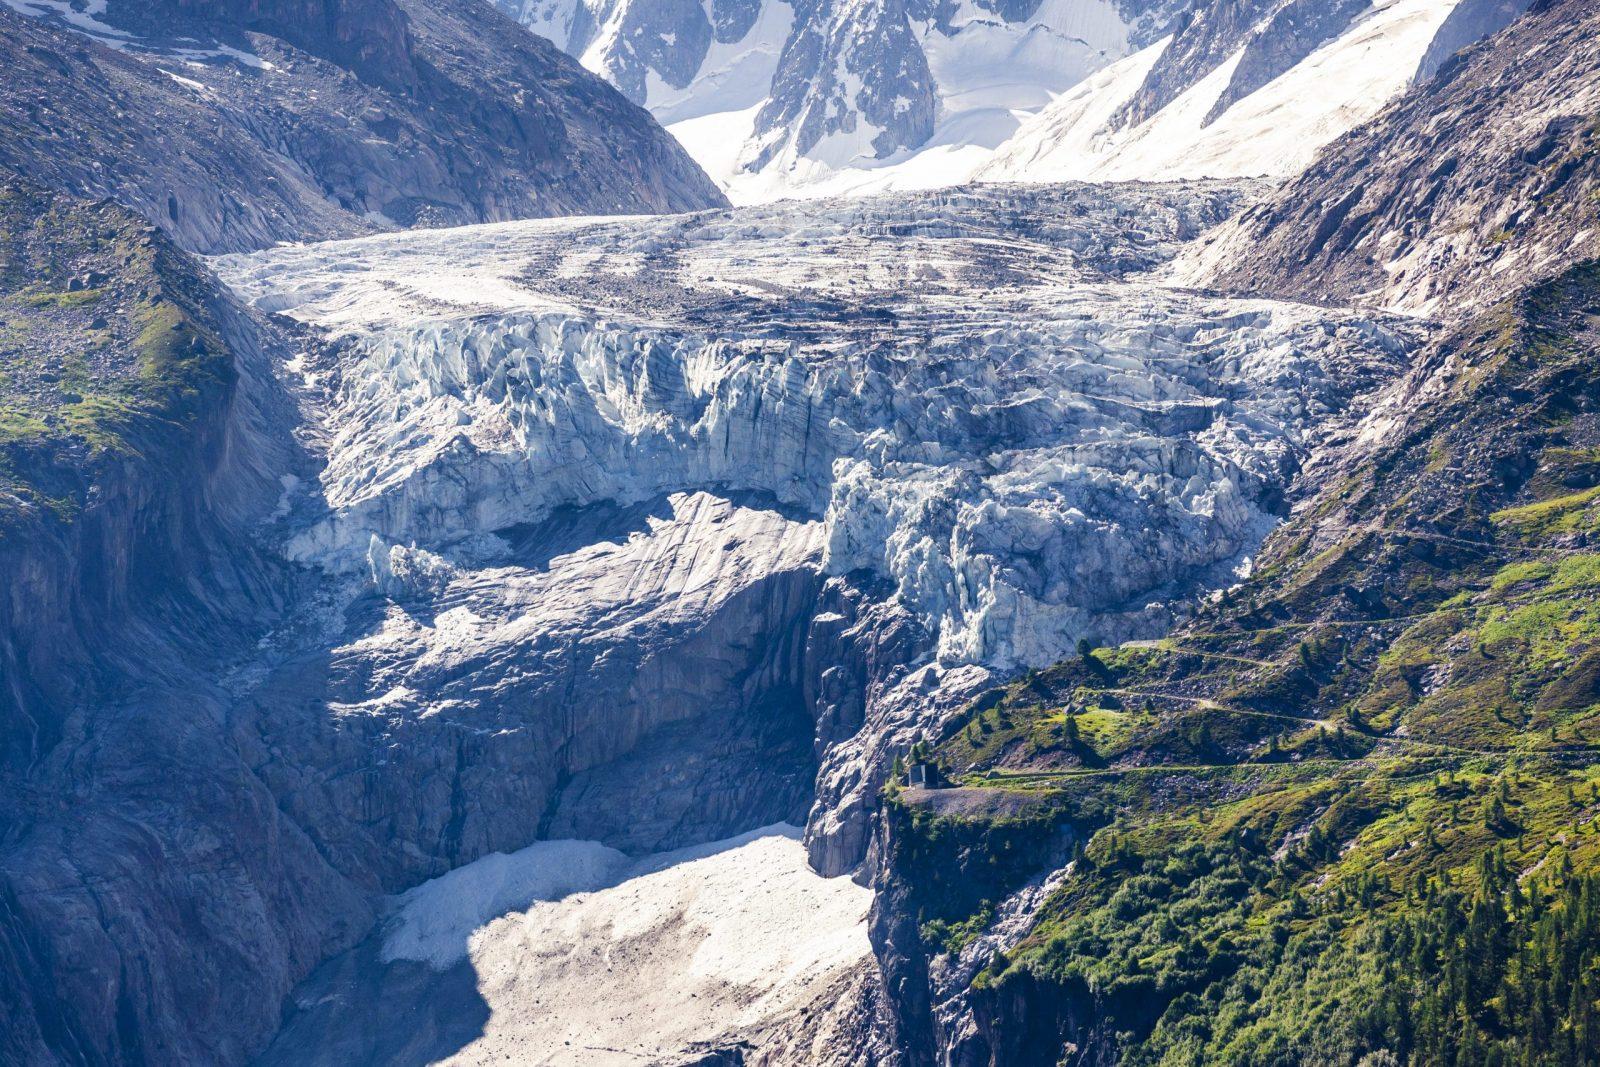 Le glacier d'Argentière en été